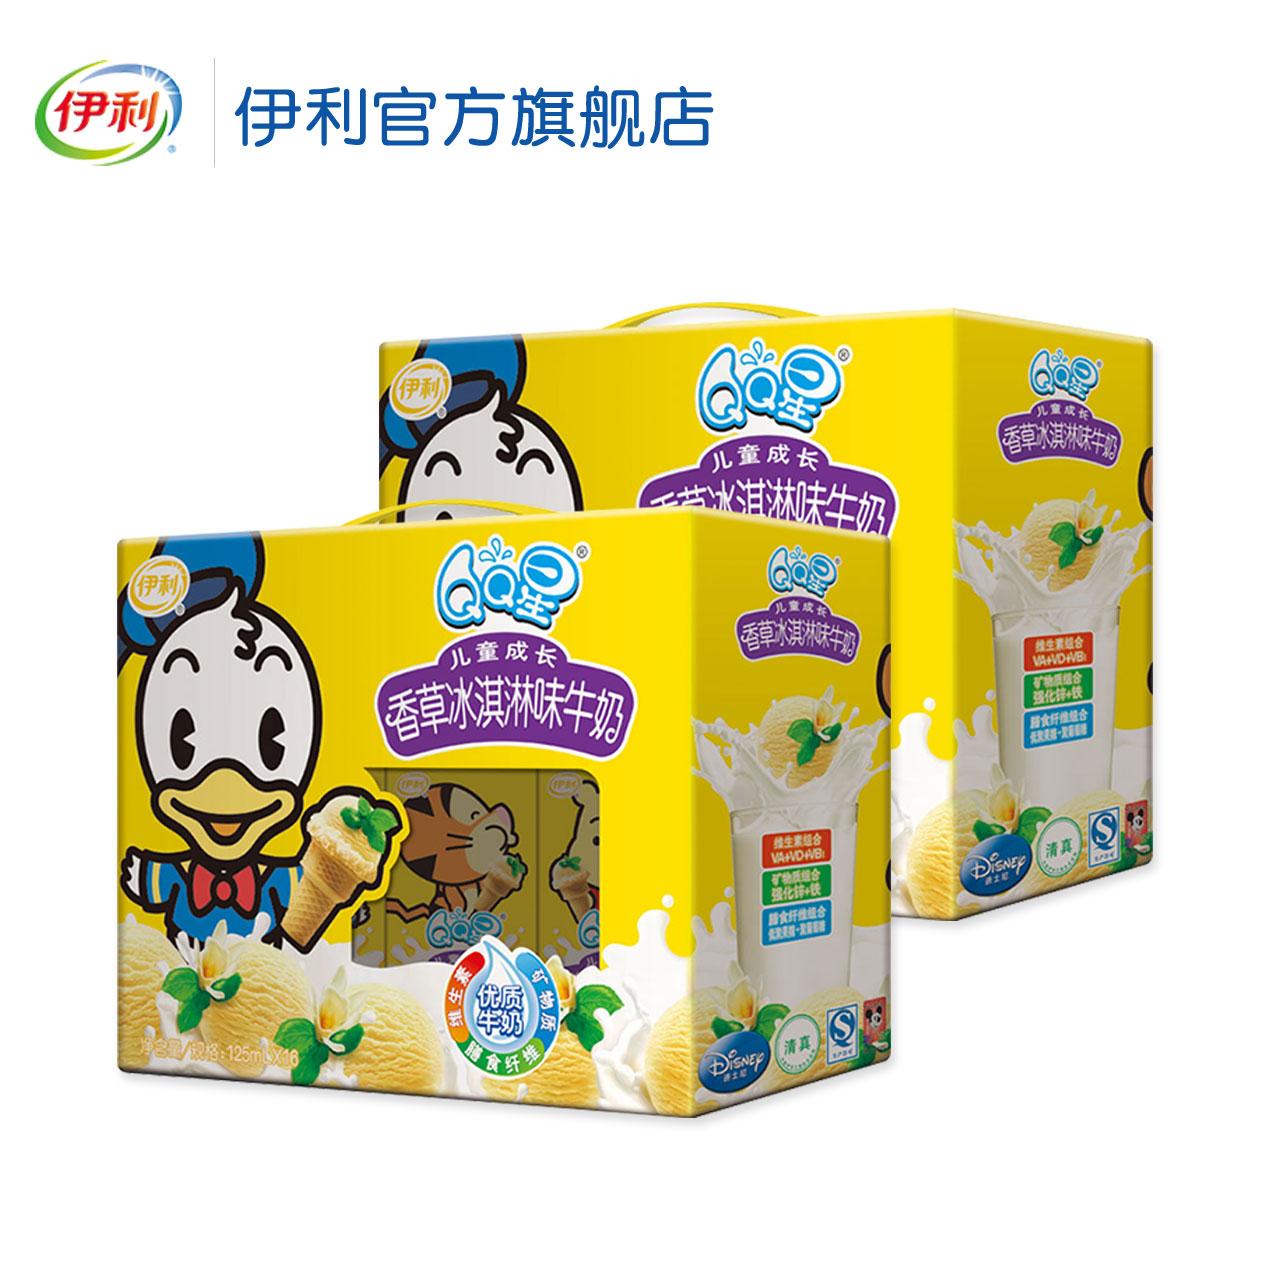 伊利QQ星兒童成長香草冰淇淋味牛奶125ml^~16 兩提